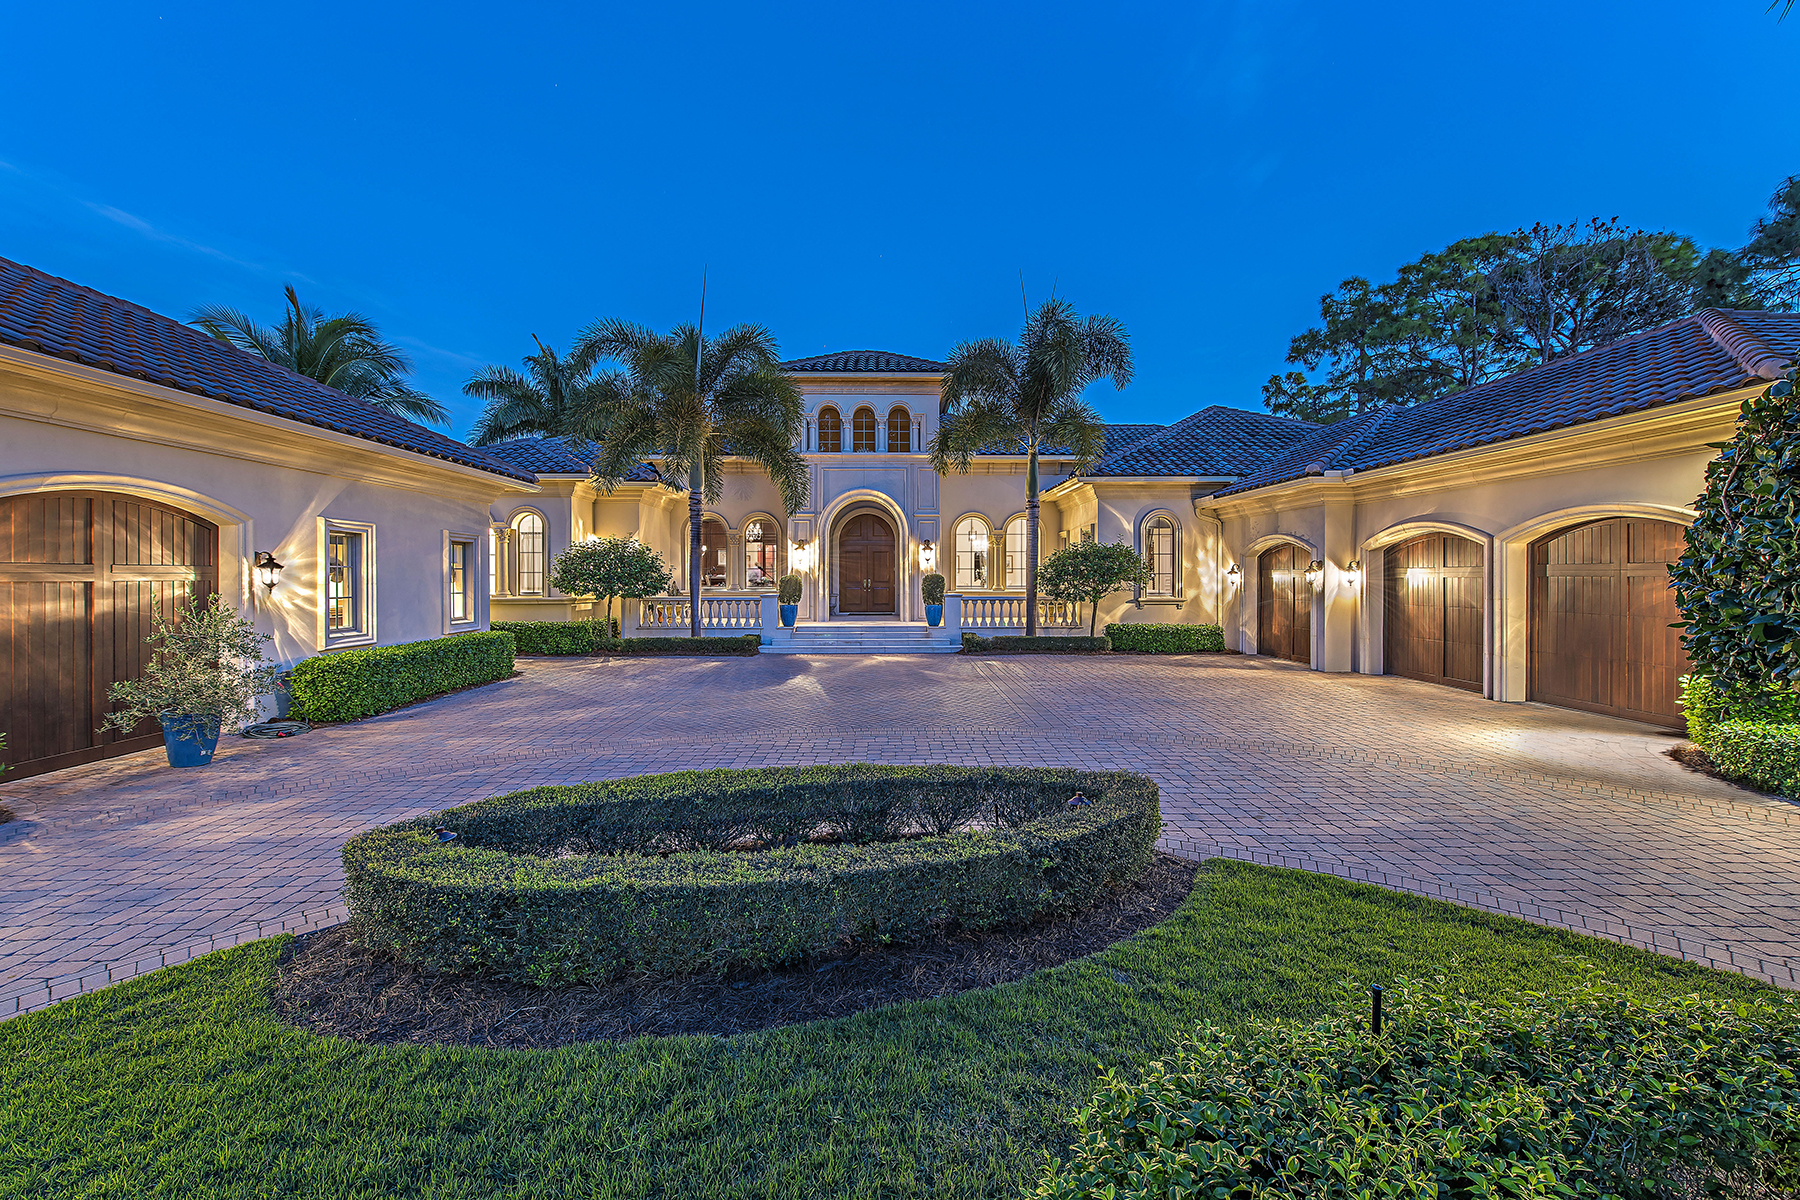 Villa per Vendita alle ore 1372 Great Egret Trl , Naples, FL 34105 1372 Great Egret Trl Naples, Florida, 34105 Stati Uniti